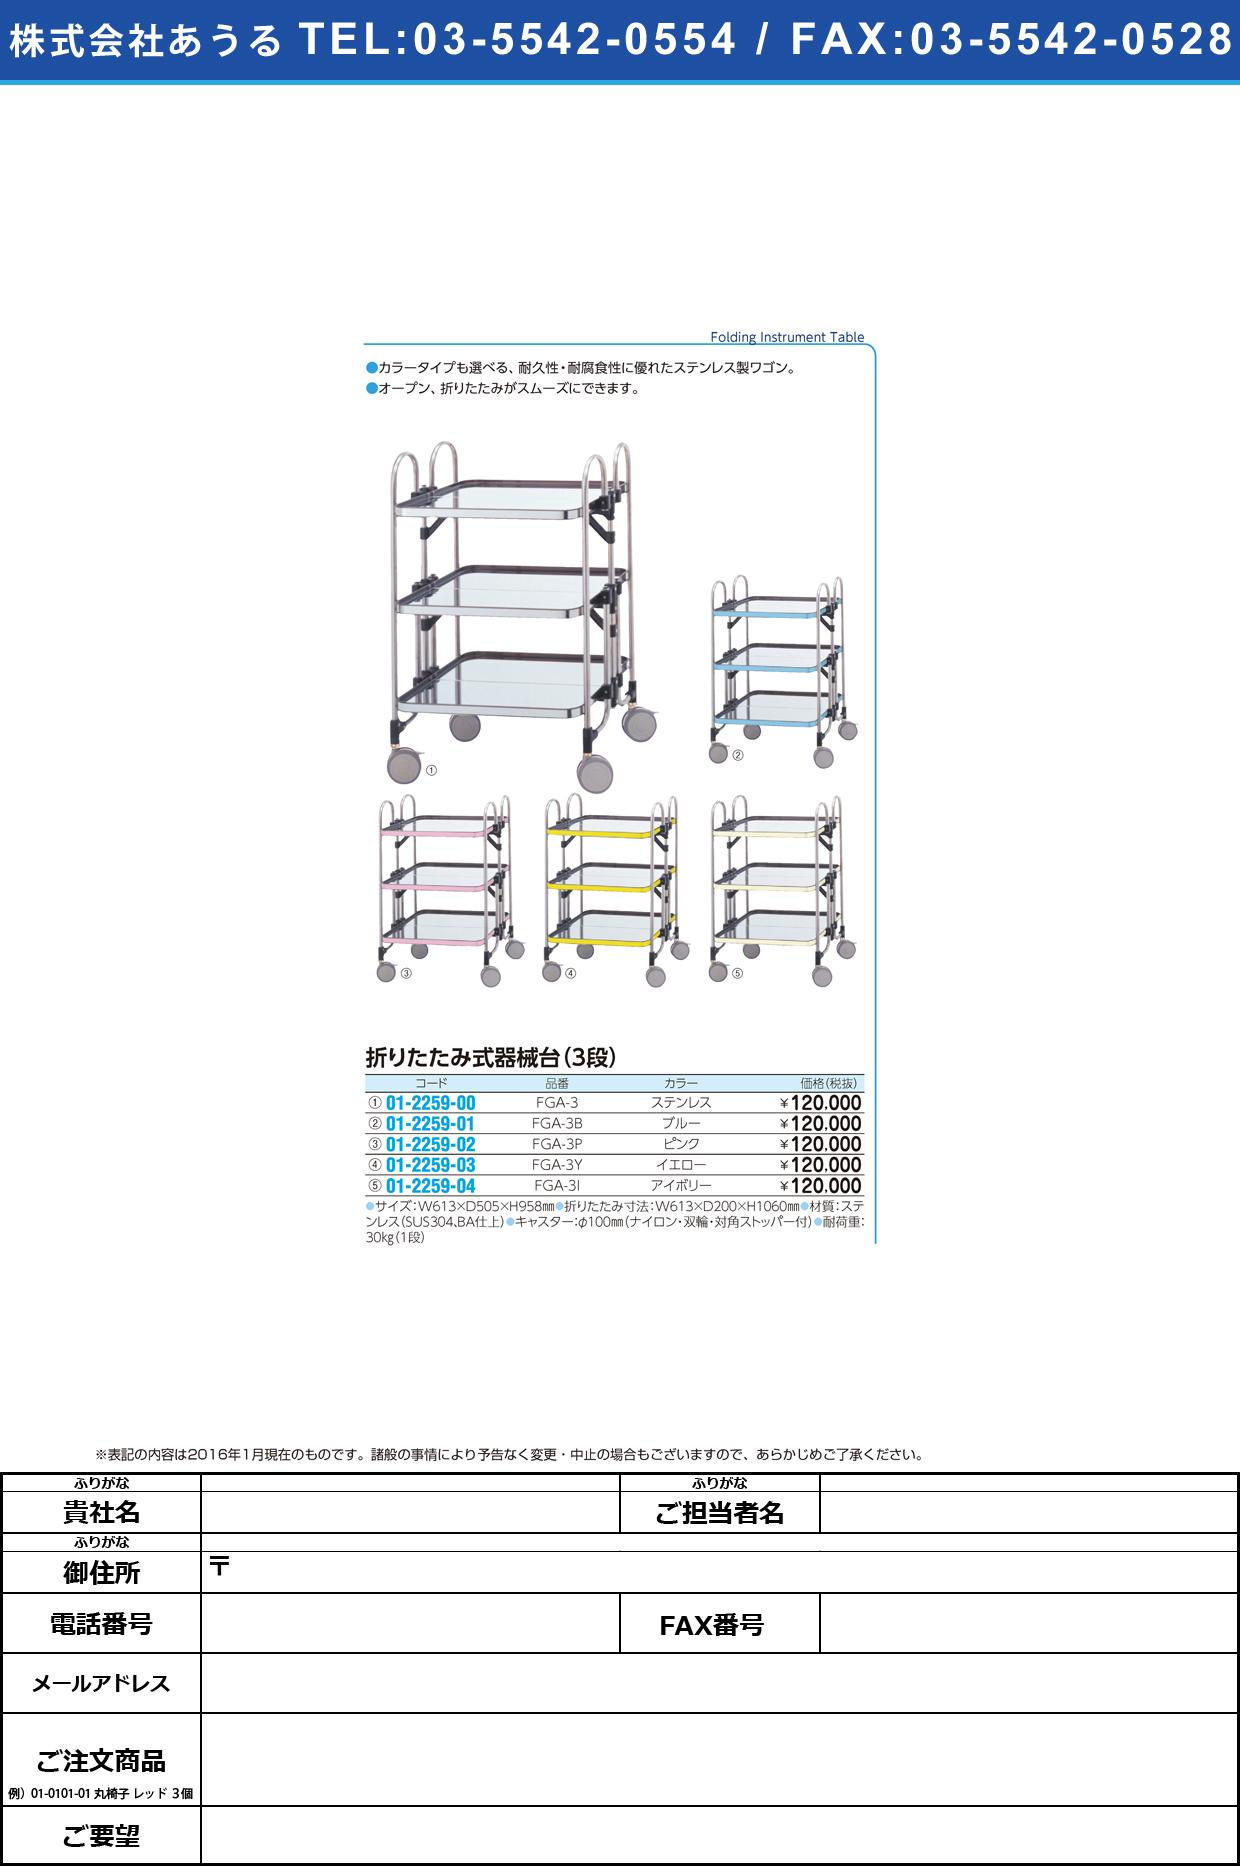 折りたたみ式器械台 オリタタミシキキカイダイ FGA-3I(アイボリー)【1台単位】【2016年カタログ商品】